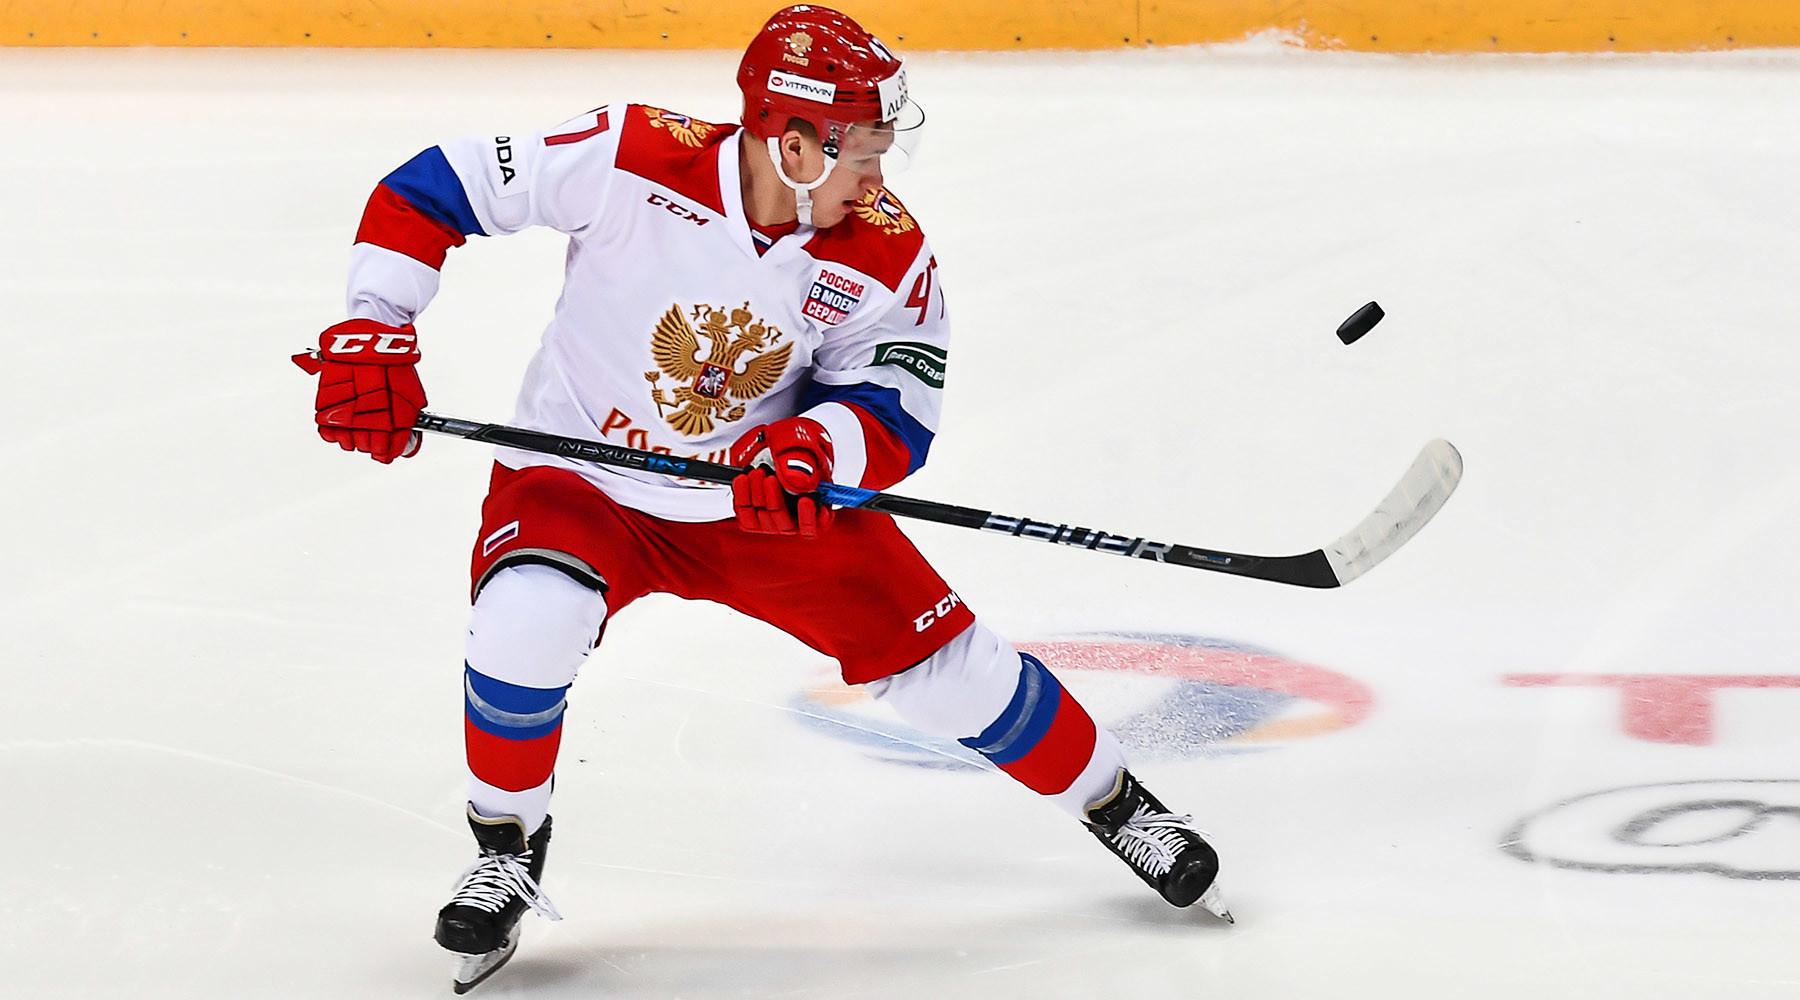 «Называю Мозякина дядей Серёжей»: Кирилл Капризов о юном возрасте, Олимпиаде и борьбе со звёздной болезнью